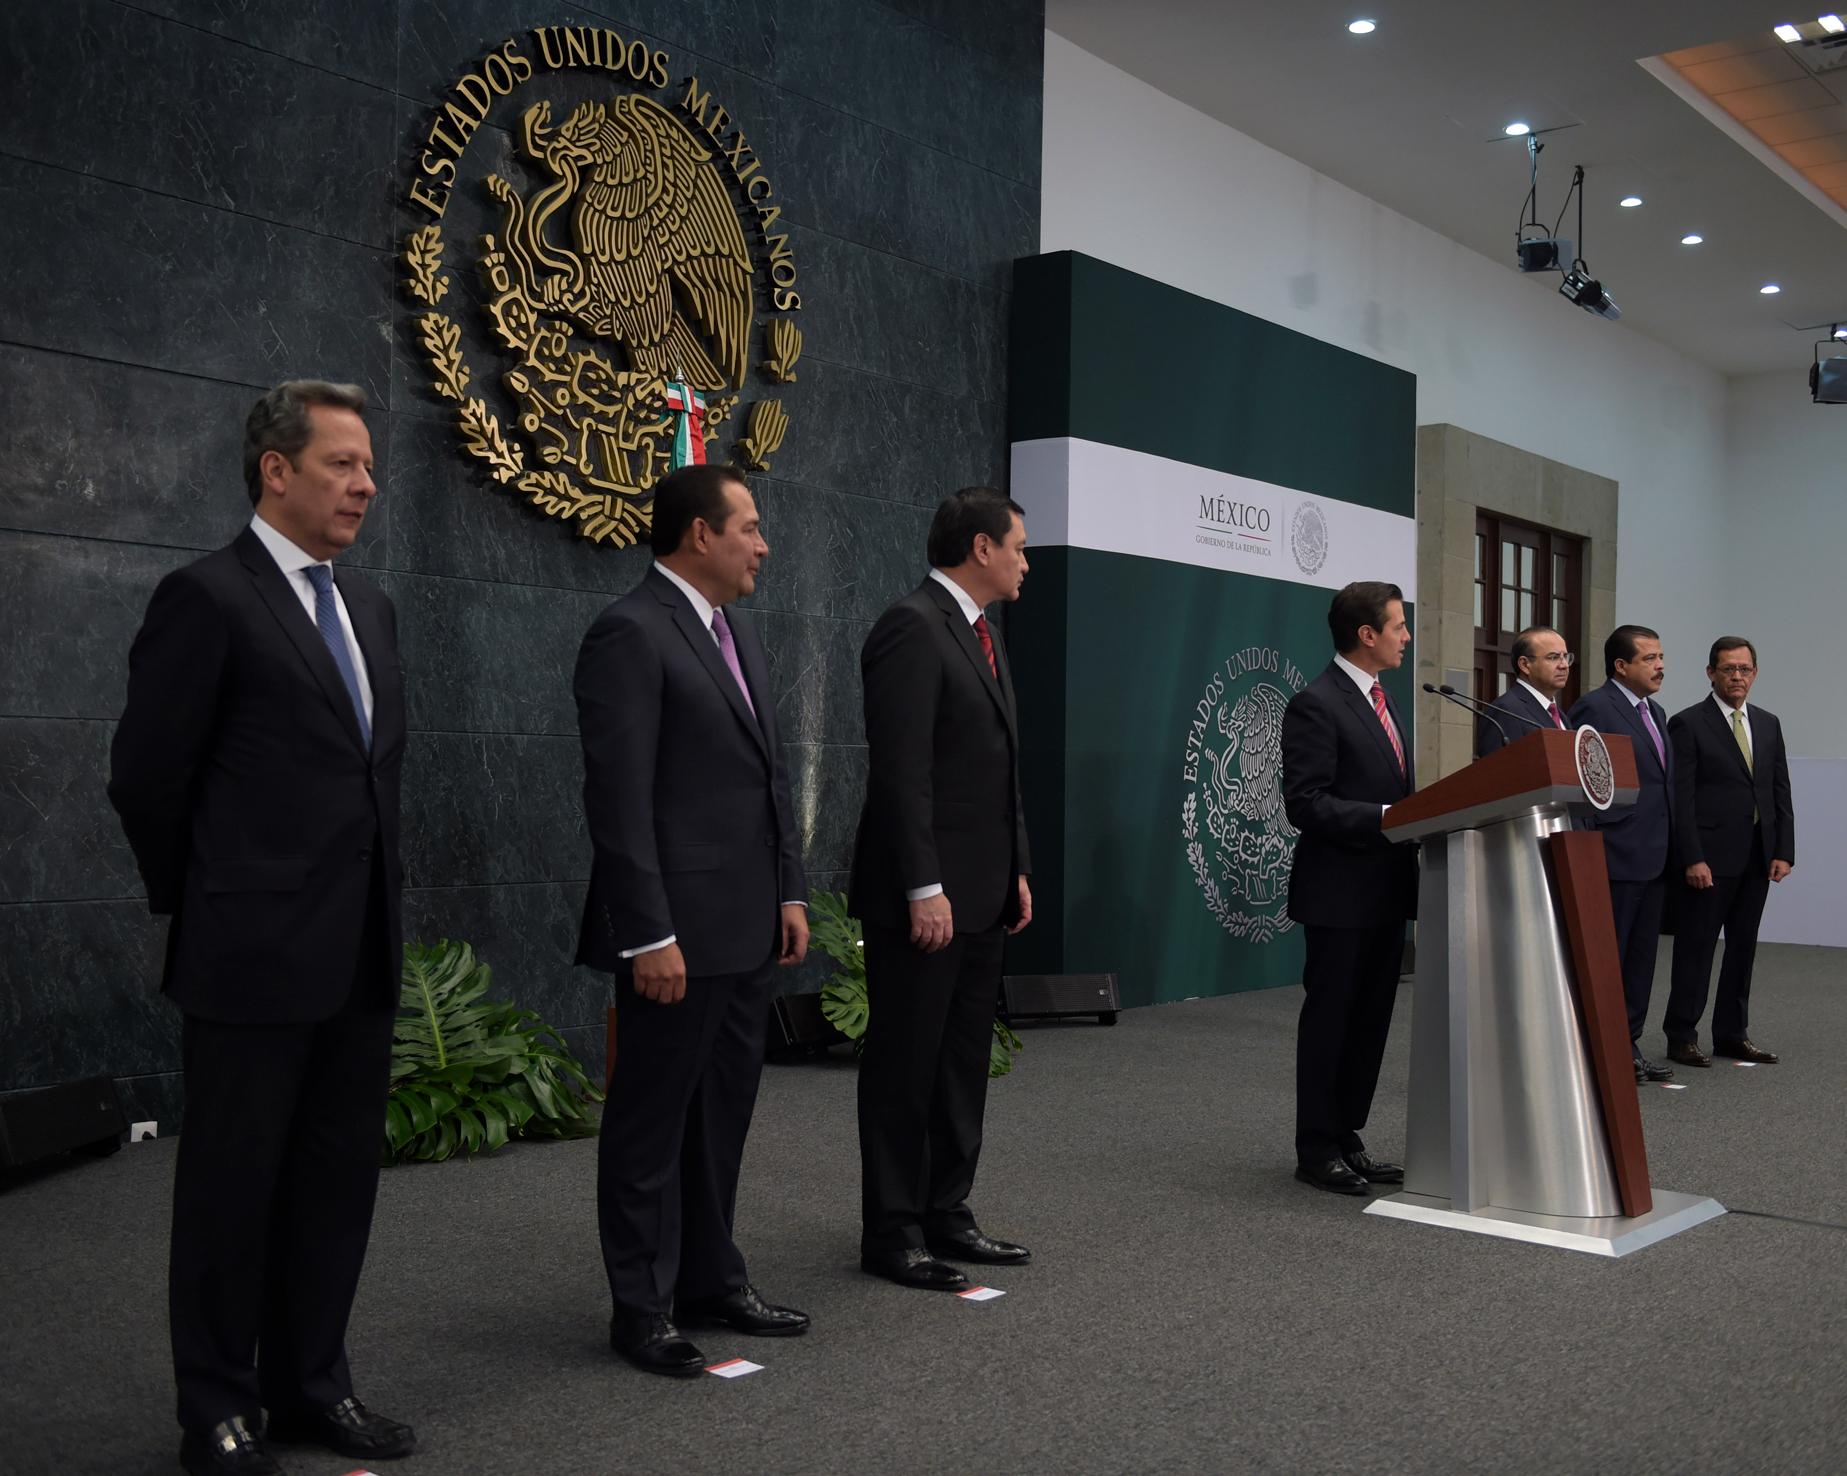 Anuncia el Presidente Enrique Peña Nieto cambios en su Gabinete || El Hispano News